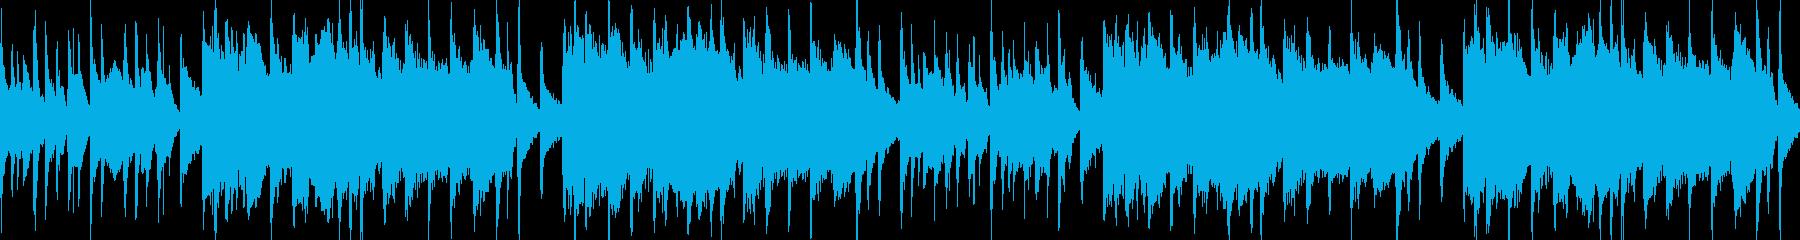 中国風のBGM(ループ)の再生済みの波形